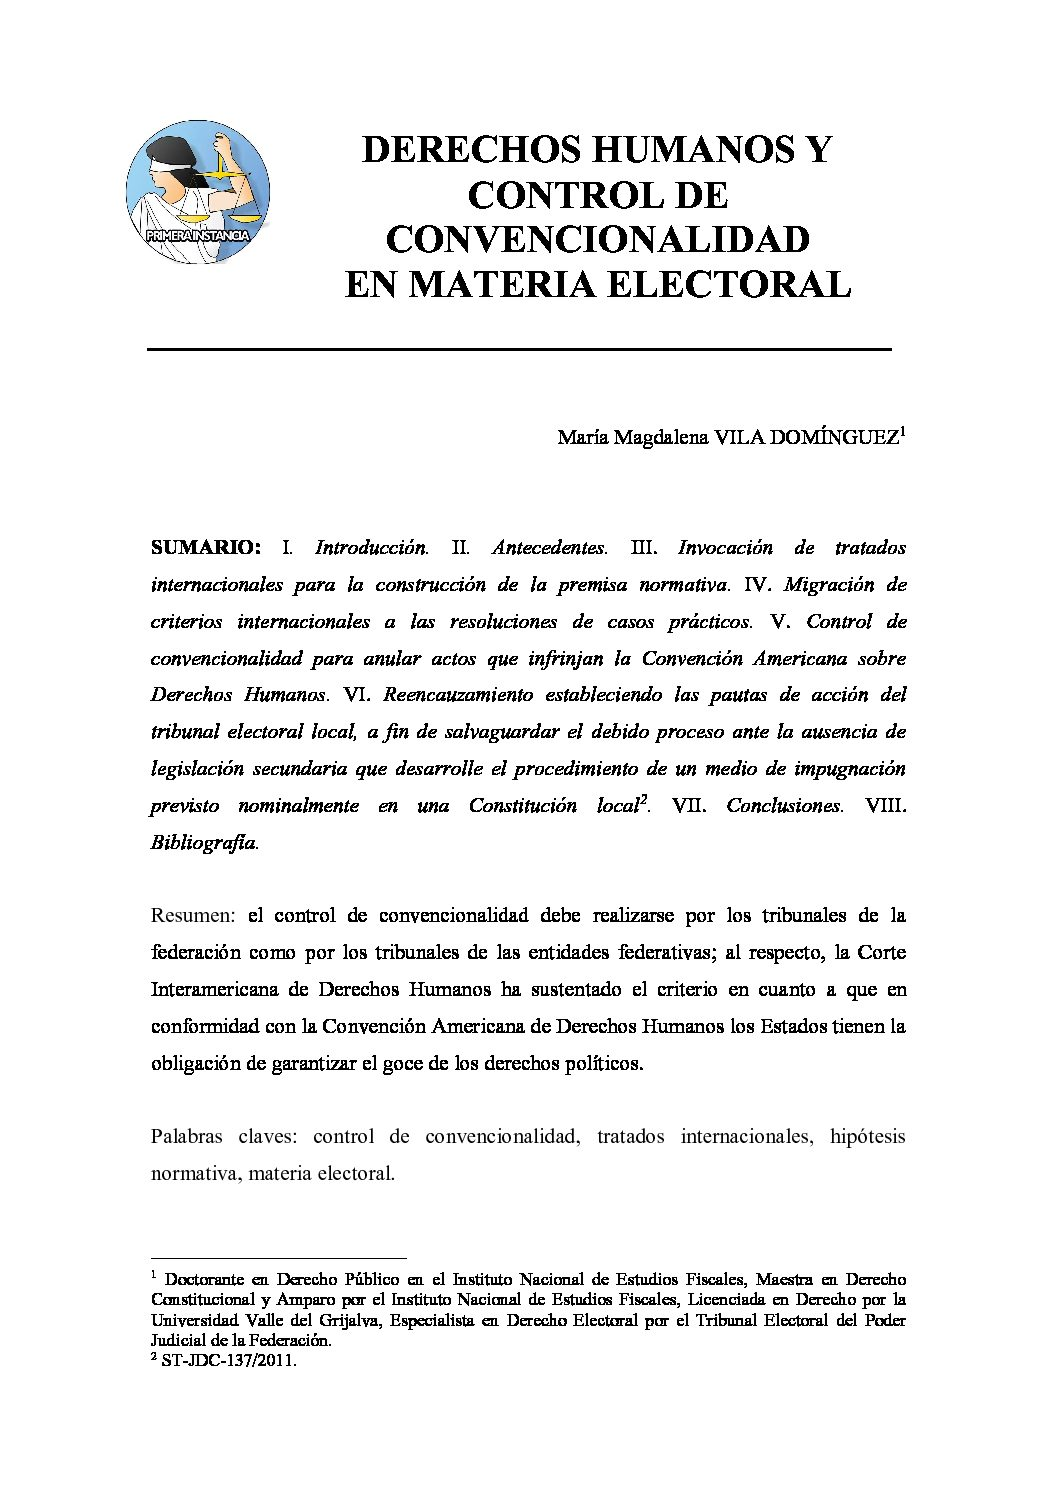 DERECHOS HUMANOS Y CONTROL DE CONVENCIONALIDAD EN MATERIA ELECTORAL, María Magdalena Vila Domínguez